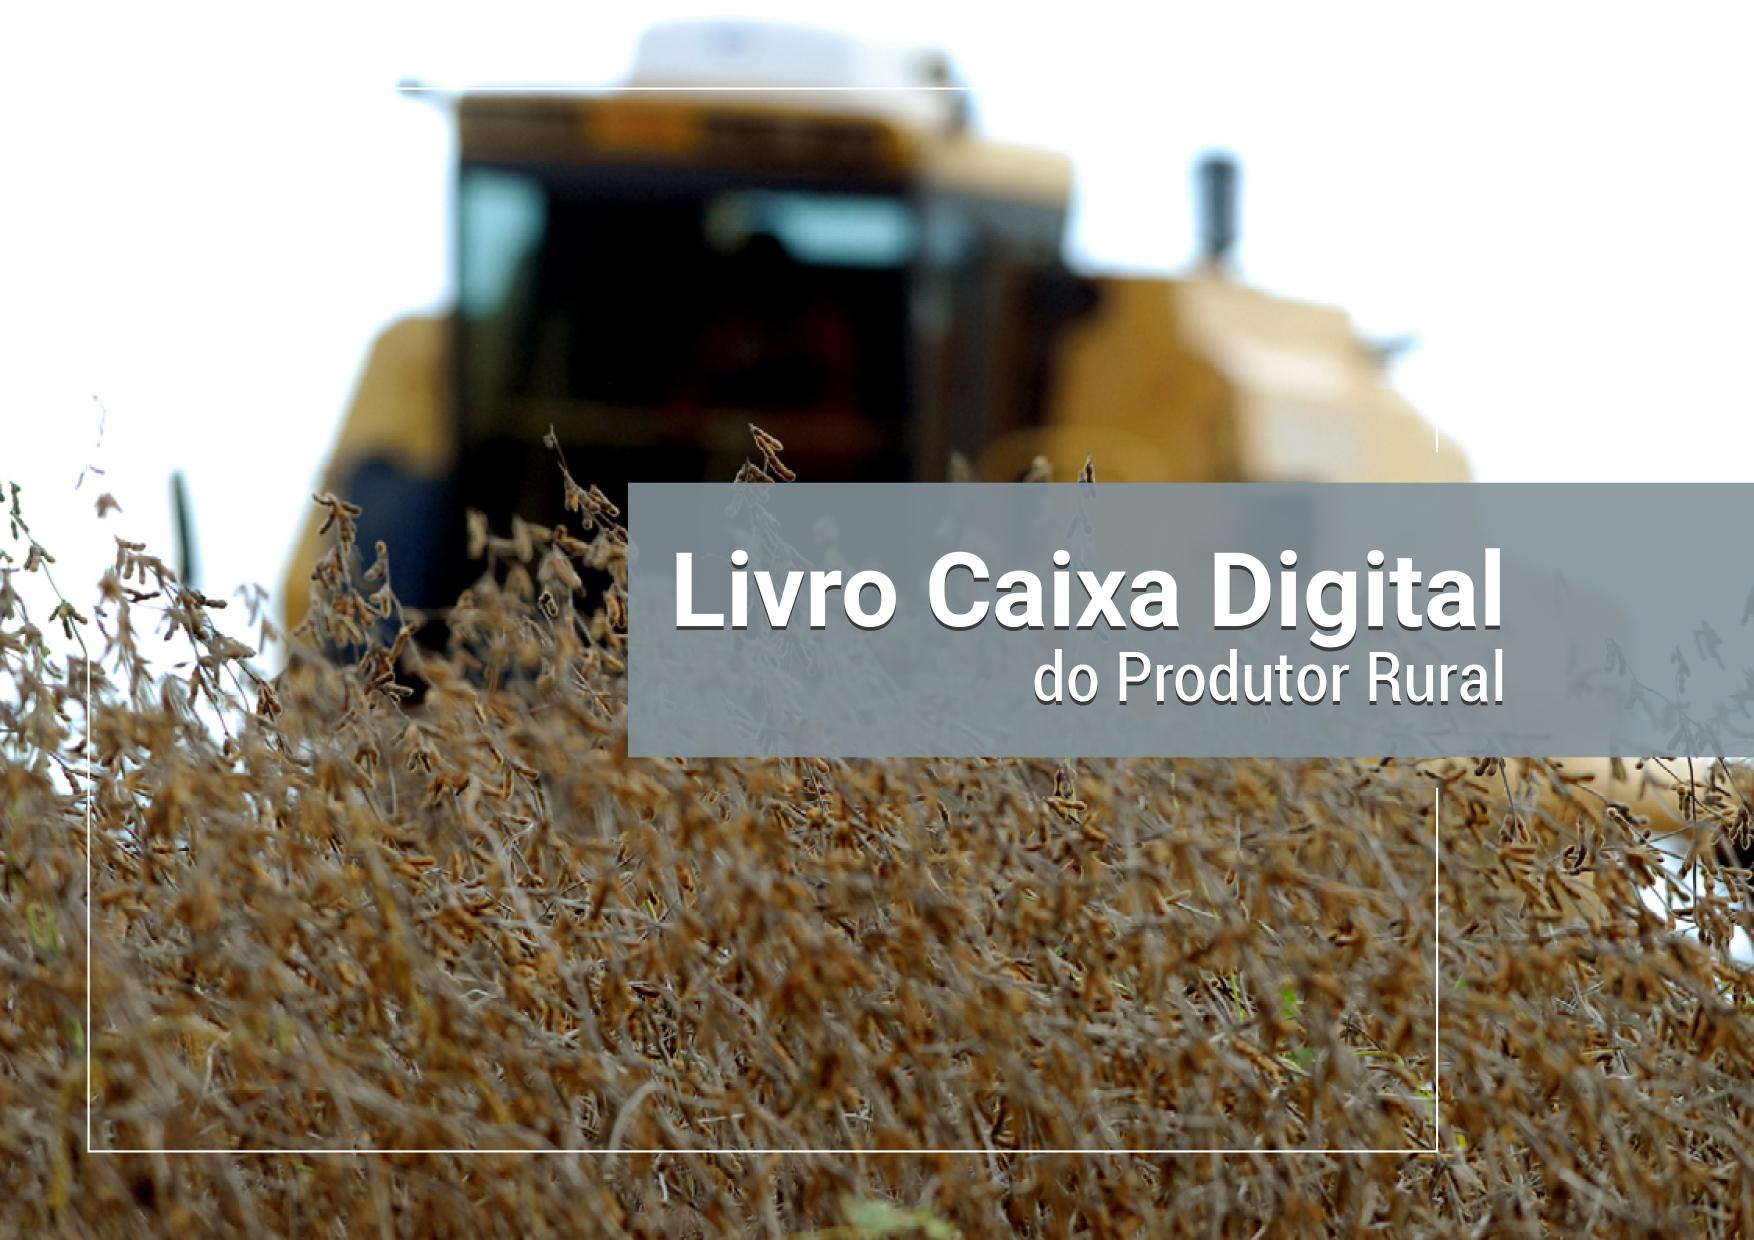 Plantae Gestão Agrícola - E-book Livro Caixa Digital Produtor Rural (LCDPR)